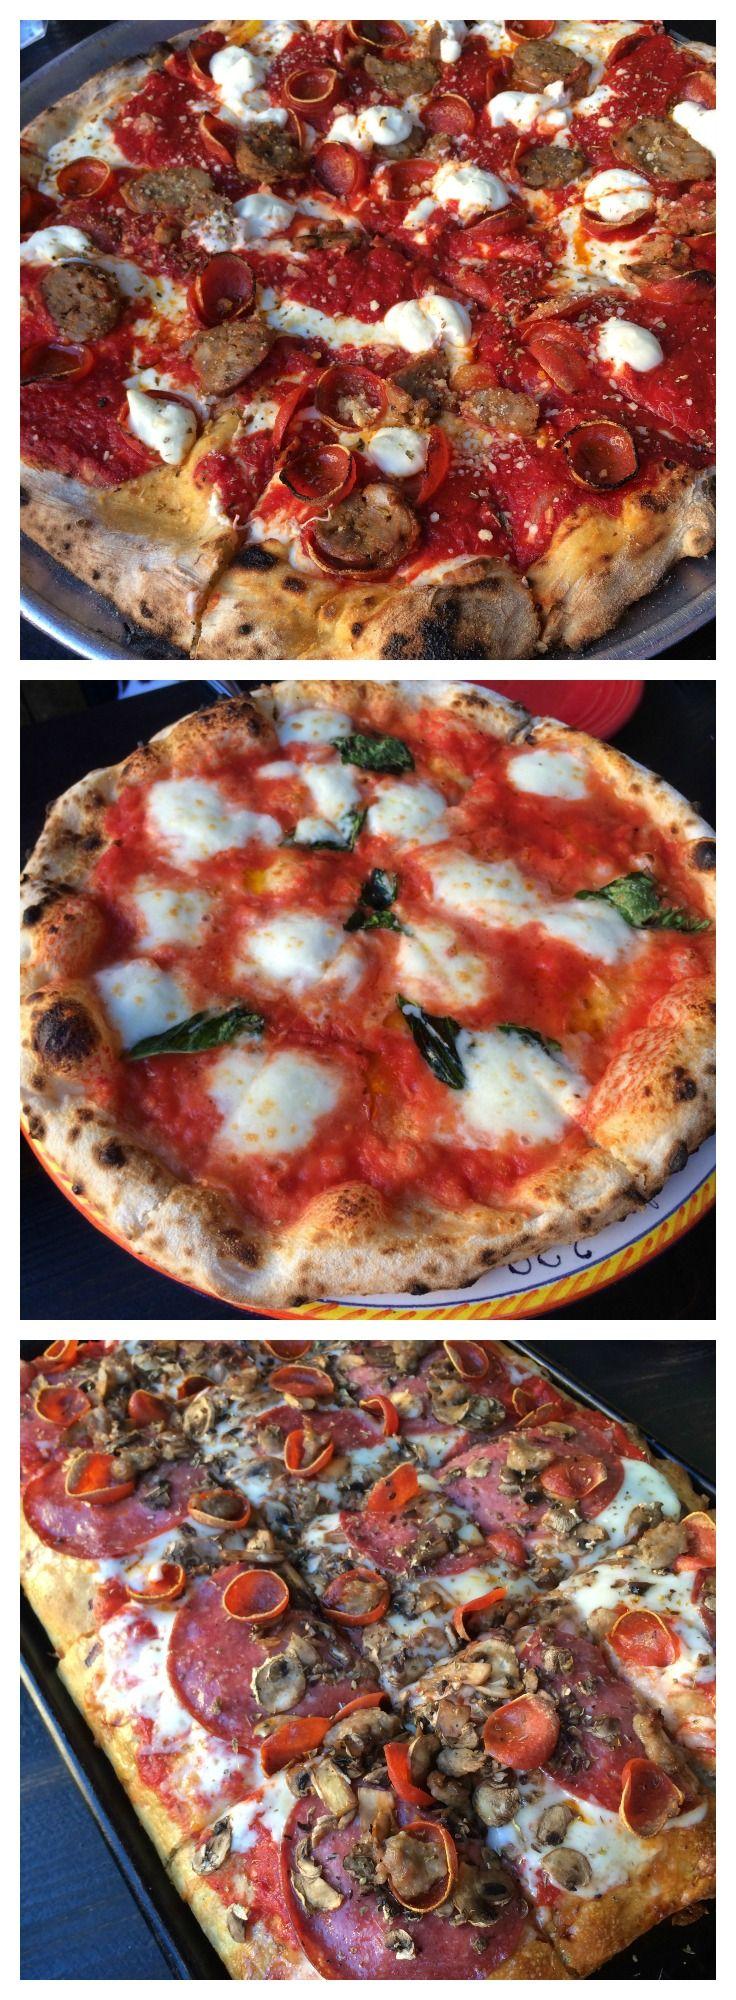 Tony S Pizza Napoletana The Best In San Francisco